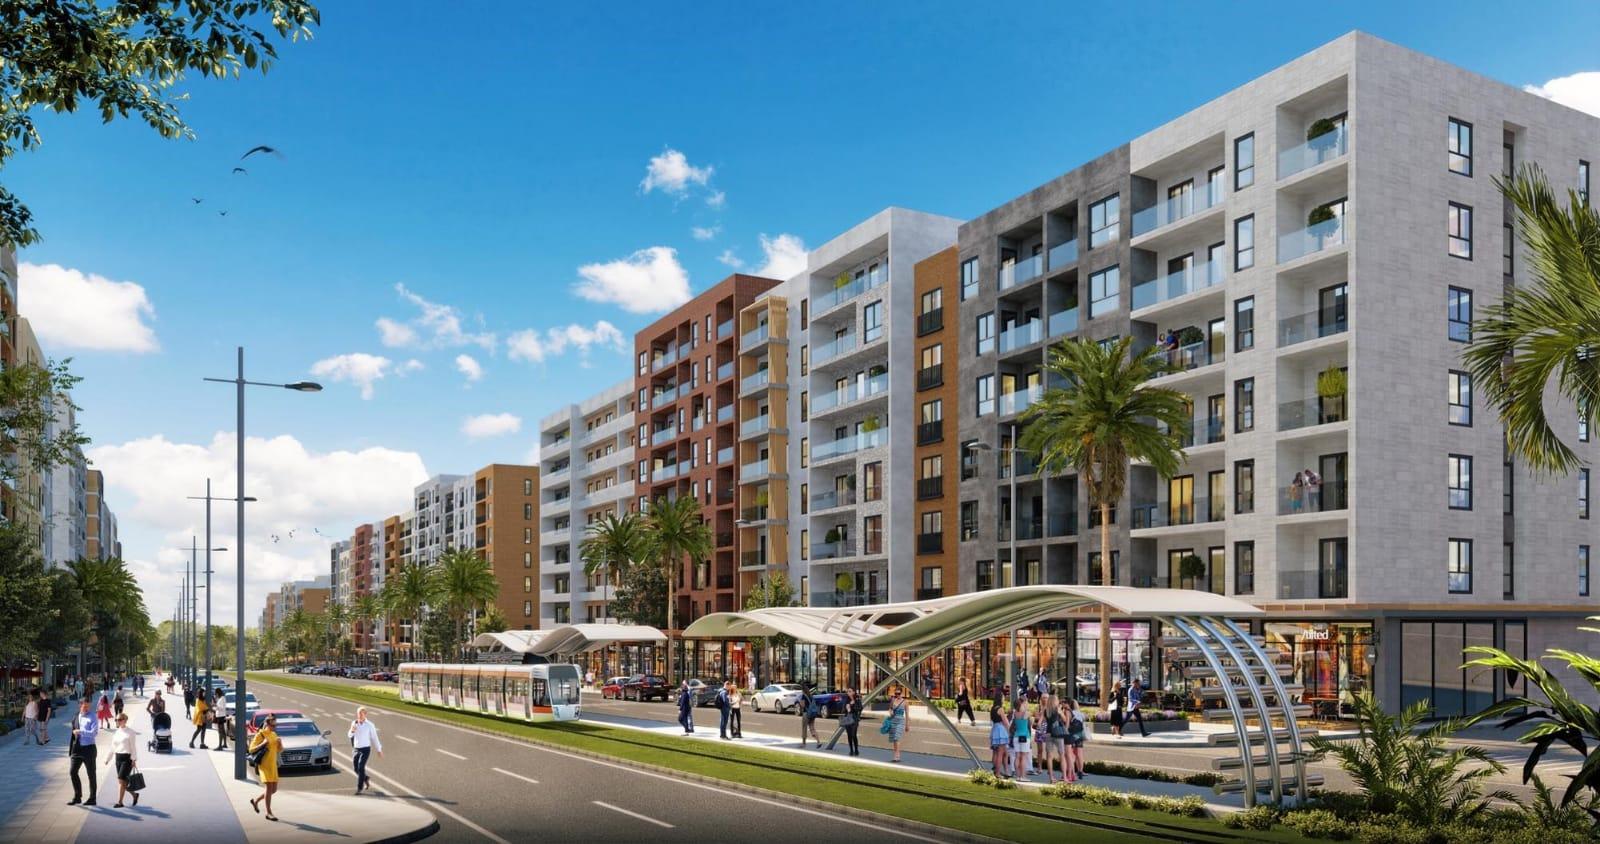 مشروع سكني للاستثمار في العاصمة السياحية…أنطاليا    (  كود المشروع     IC 33  )